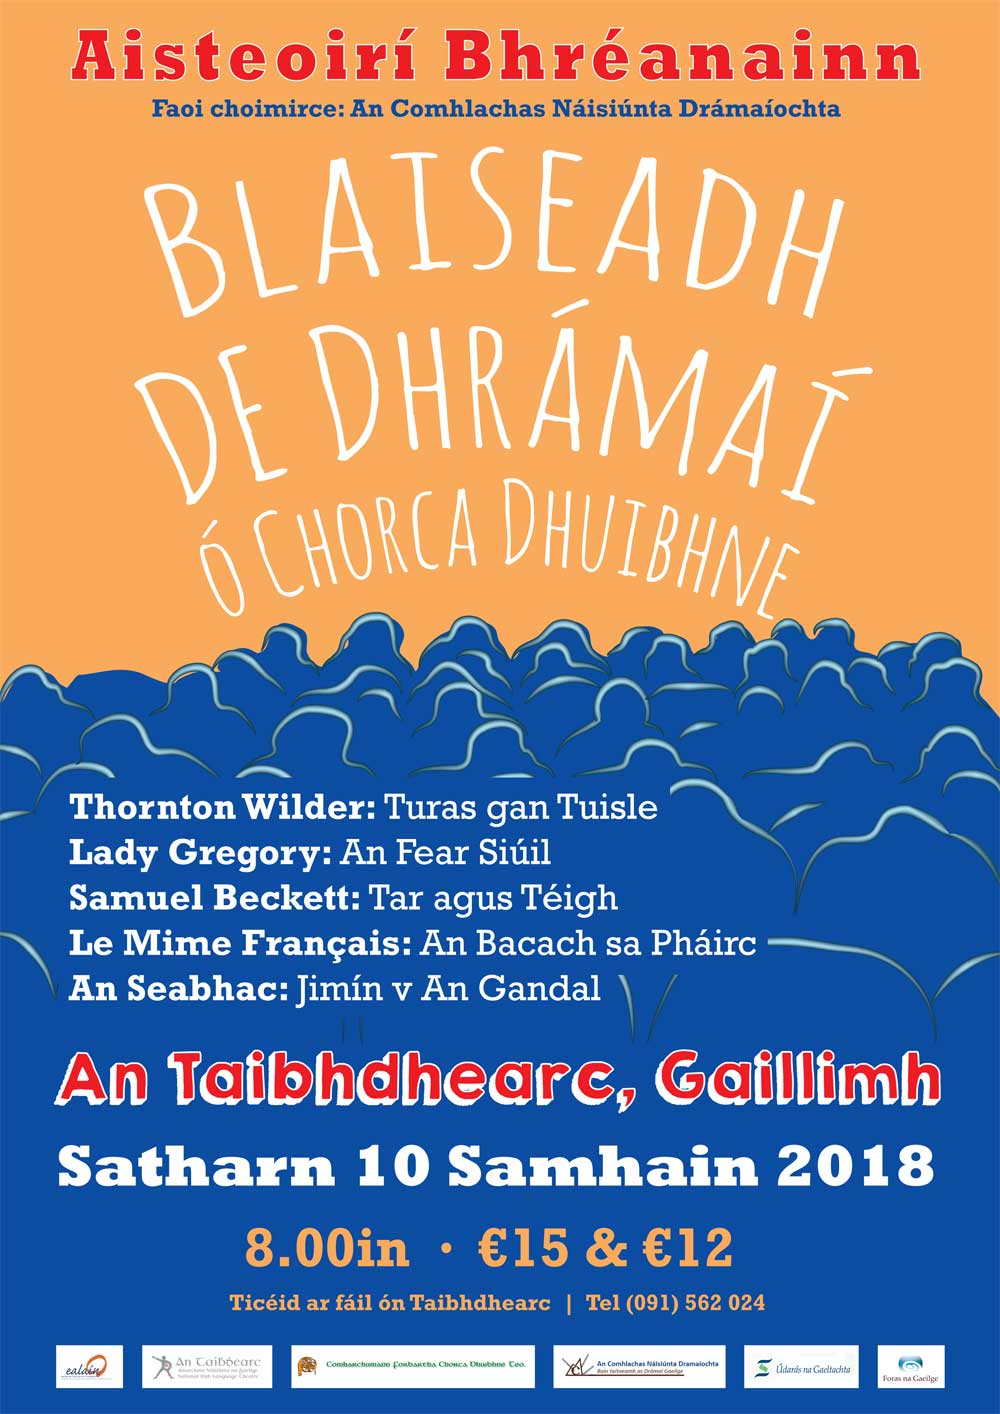 Blaiseadh de Dhrámaí ó Chorca dhuibhne